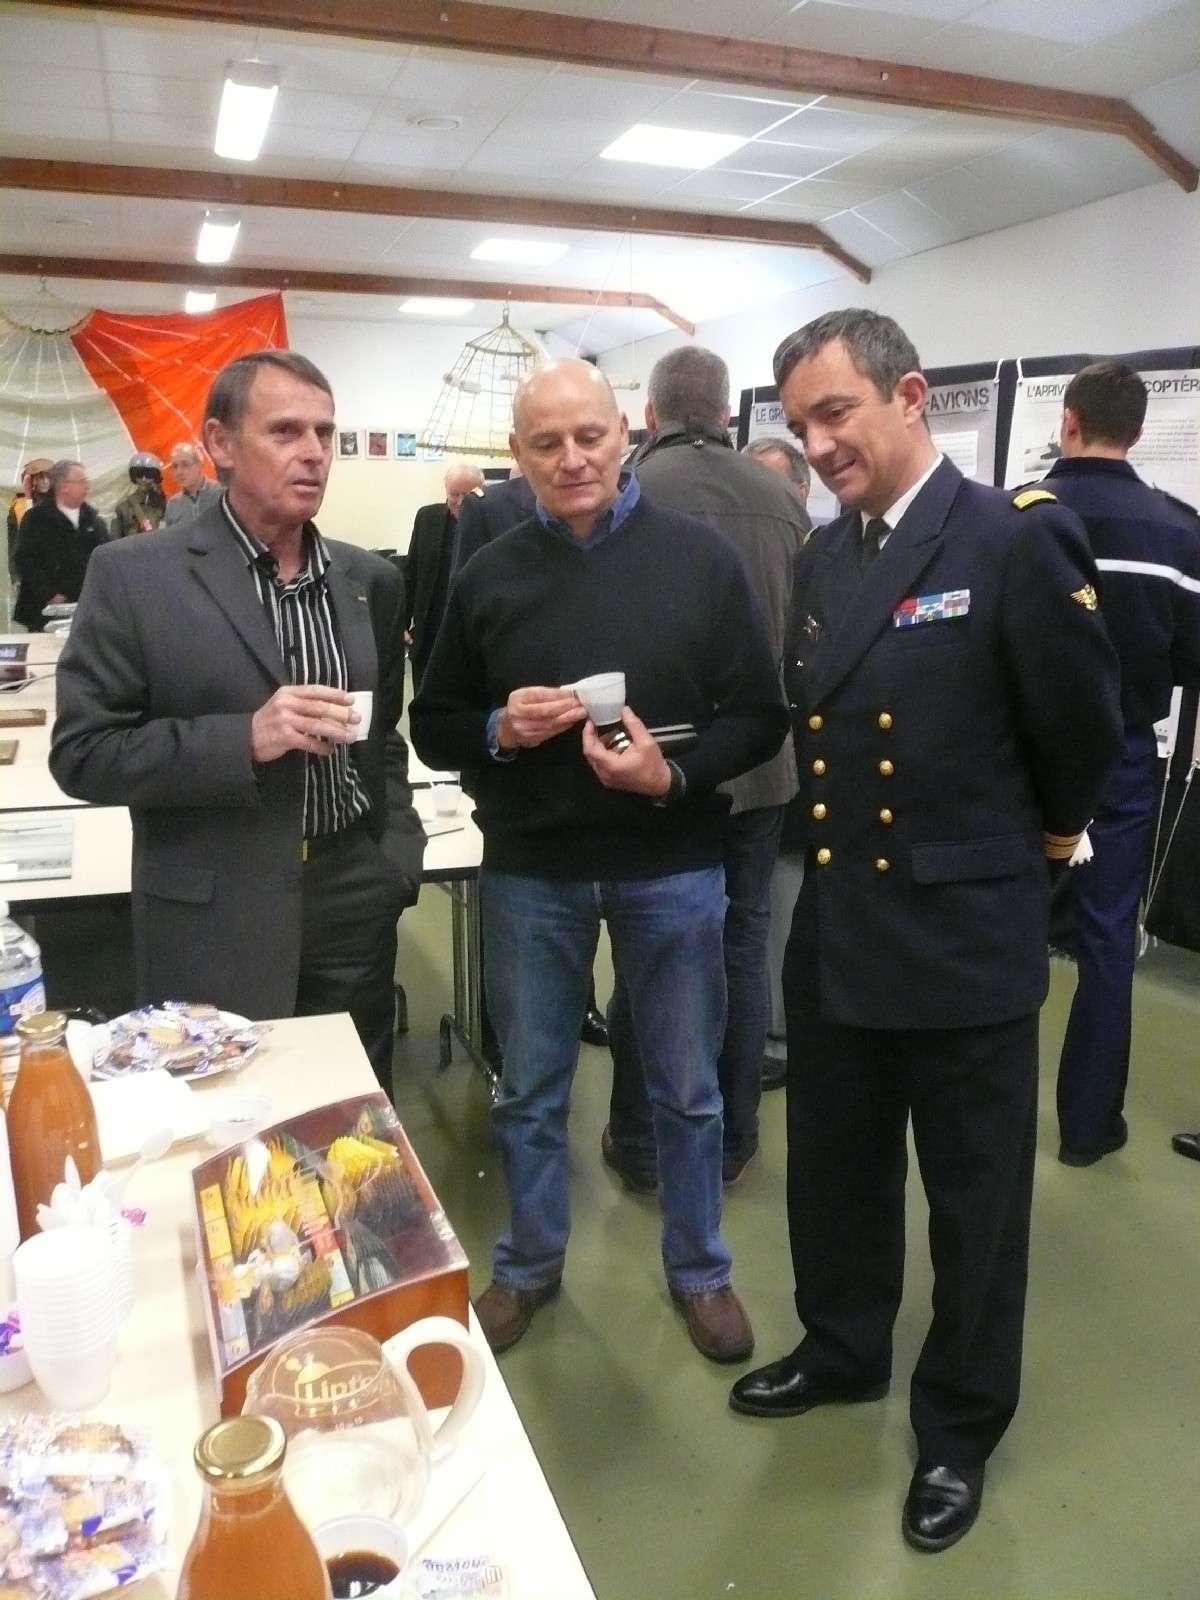 100 ème anniversaire de l'Aéronautique navale 4cafa_10